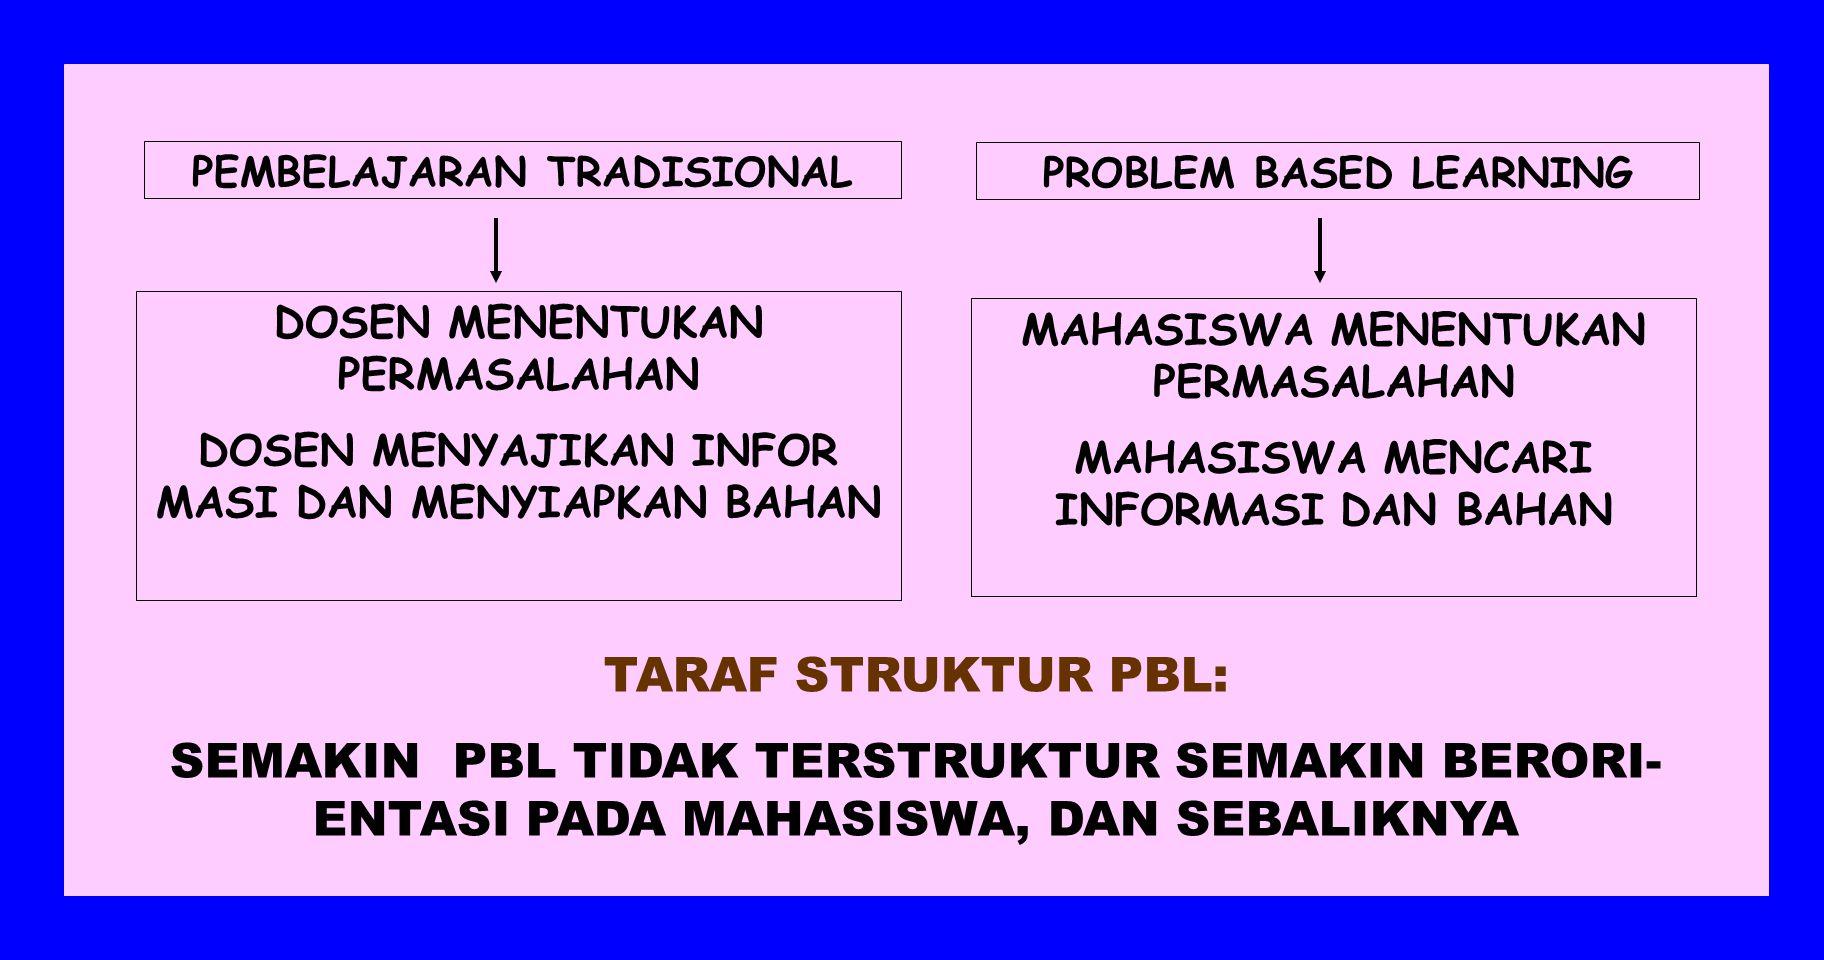 PROBLEM BASED LEARNING BERFOKUS DAN BERDASARKAN PADA PENYAJIAN PERMASALAHAN MAHASISWA MELAKUKAN PENELITIAN BERDASARKAN TEORI, KONSEP, PRINSIP DARI BER